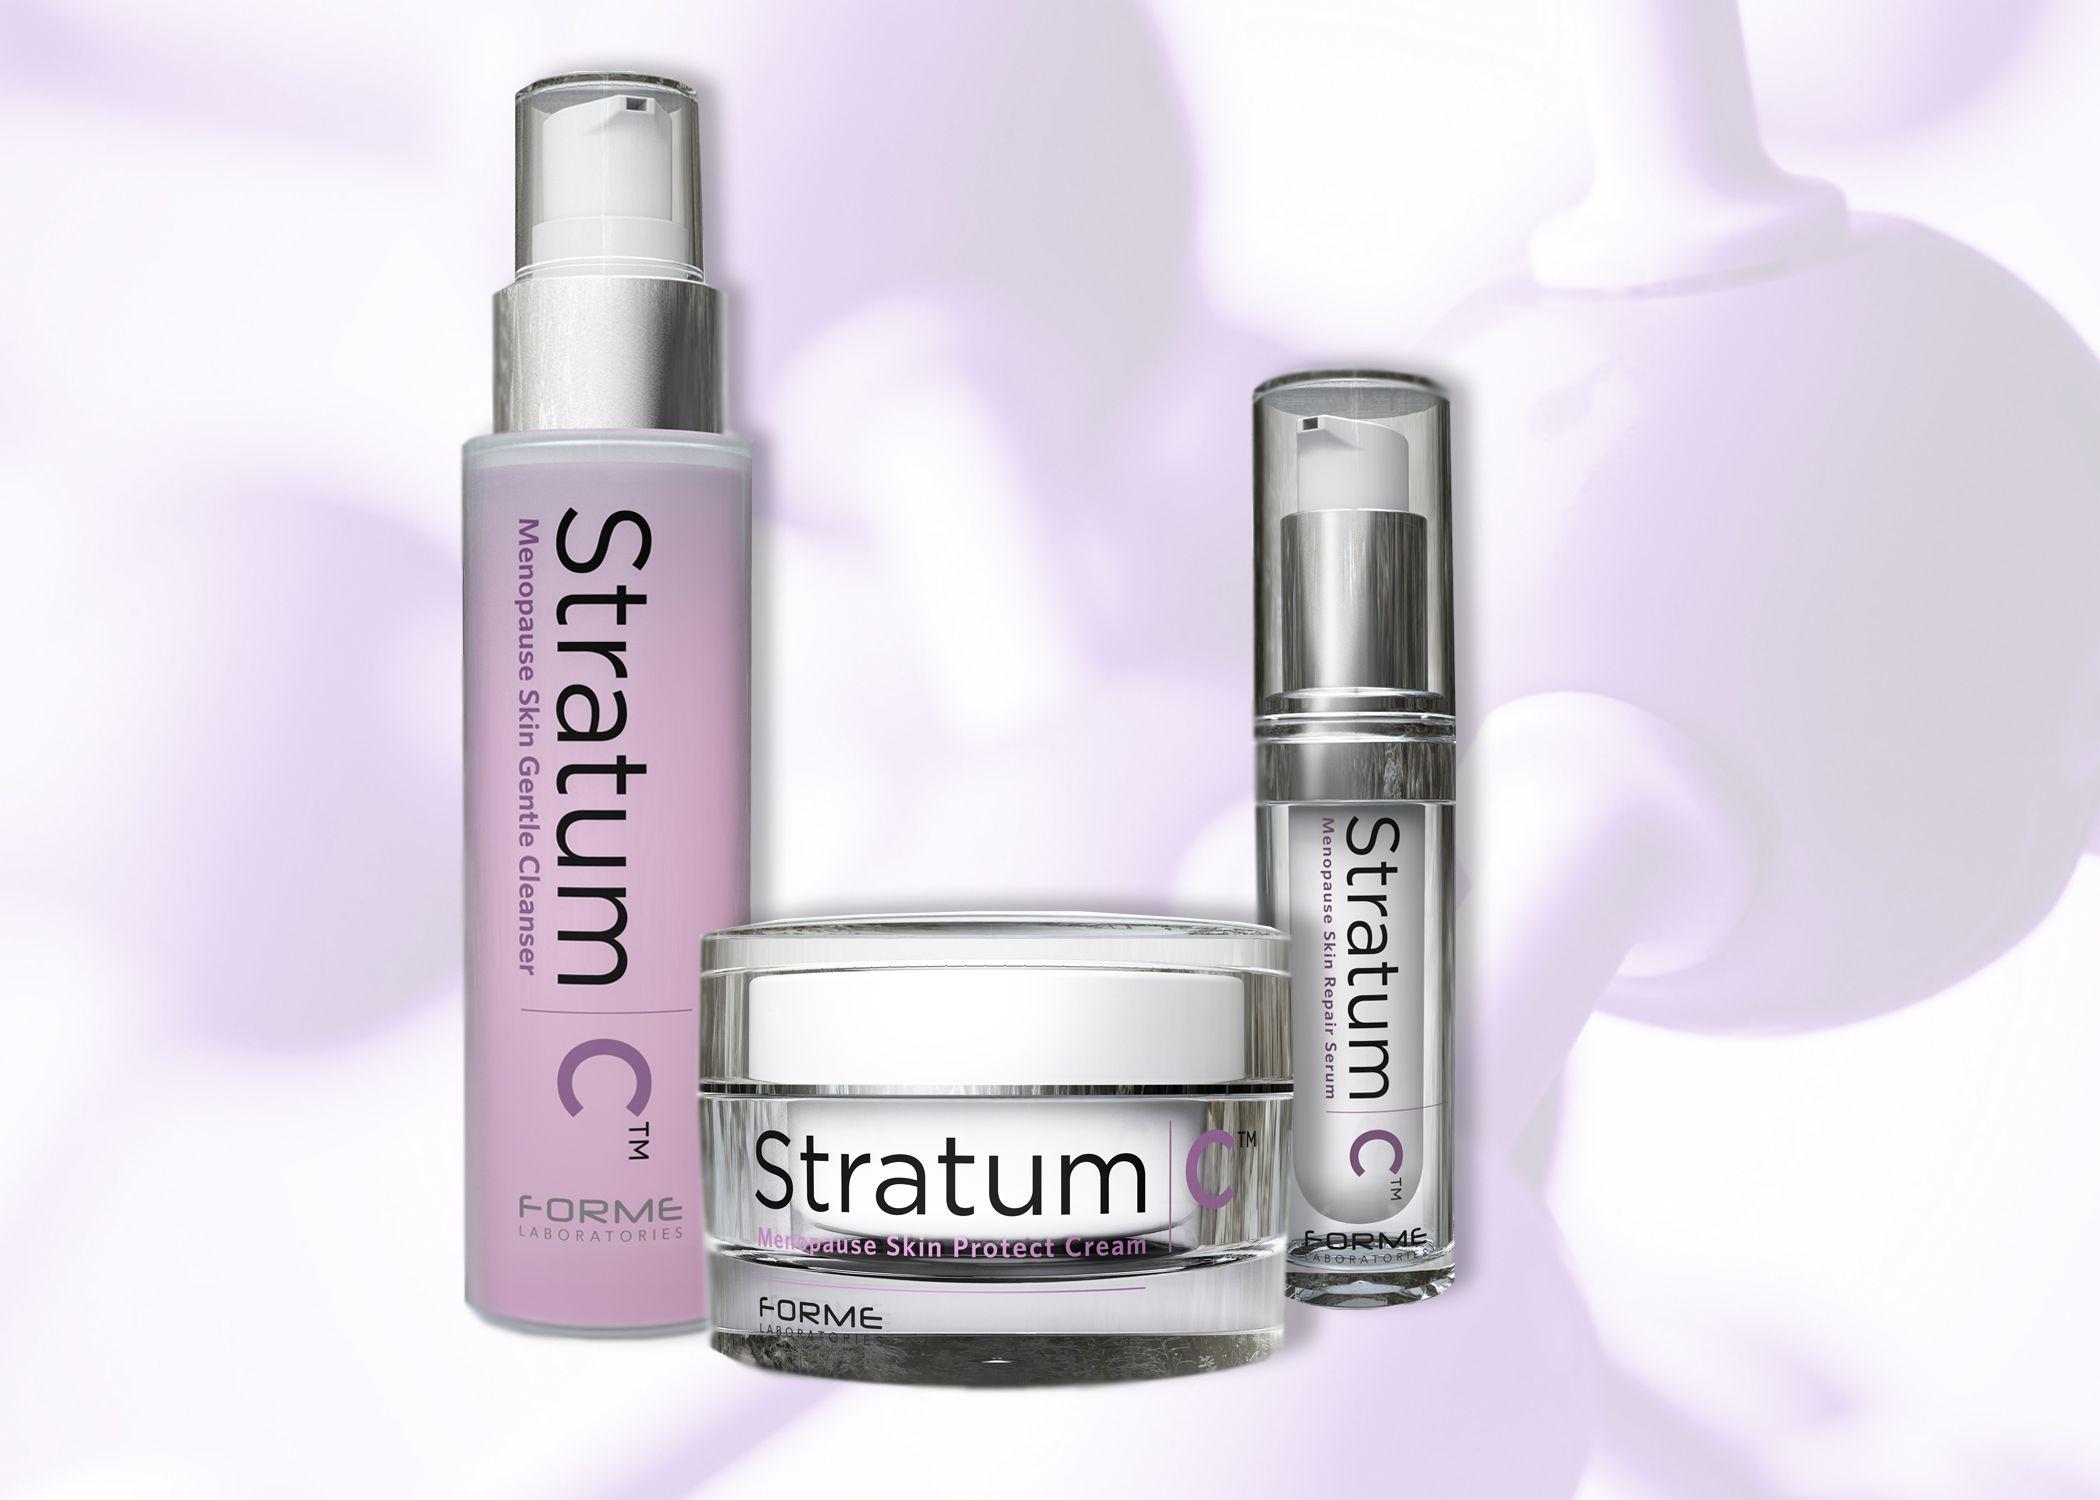 Stratum c menopause skin care